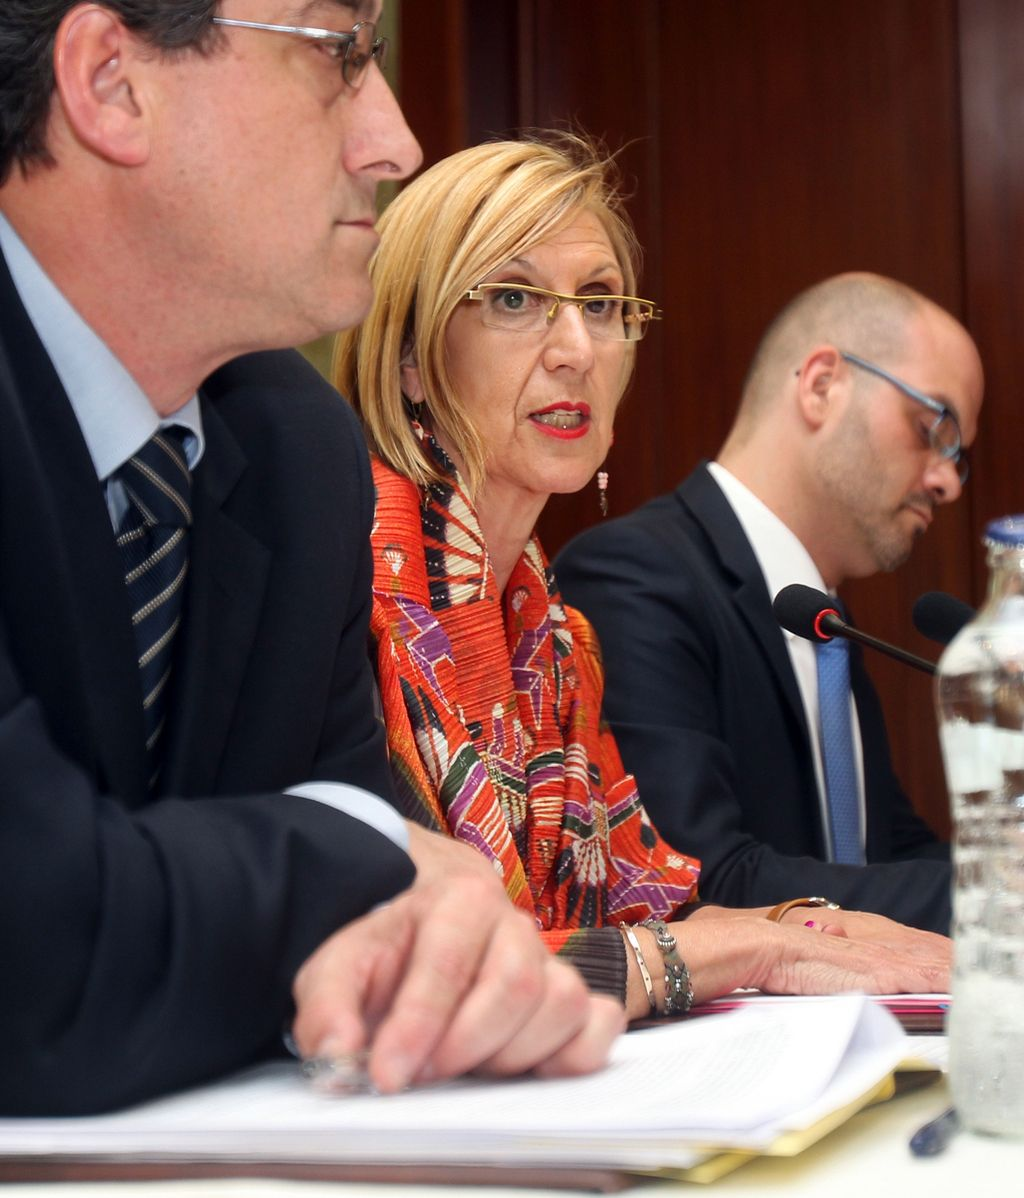 El único diputado que UPyD tiene en el Parlamento asturiano, Ignacio Prendes y la presidenta de la formación, Rosa Díez